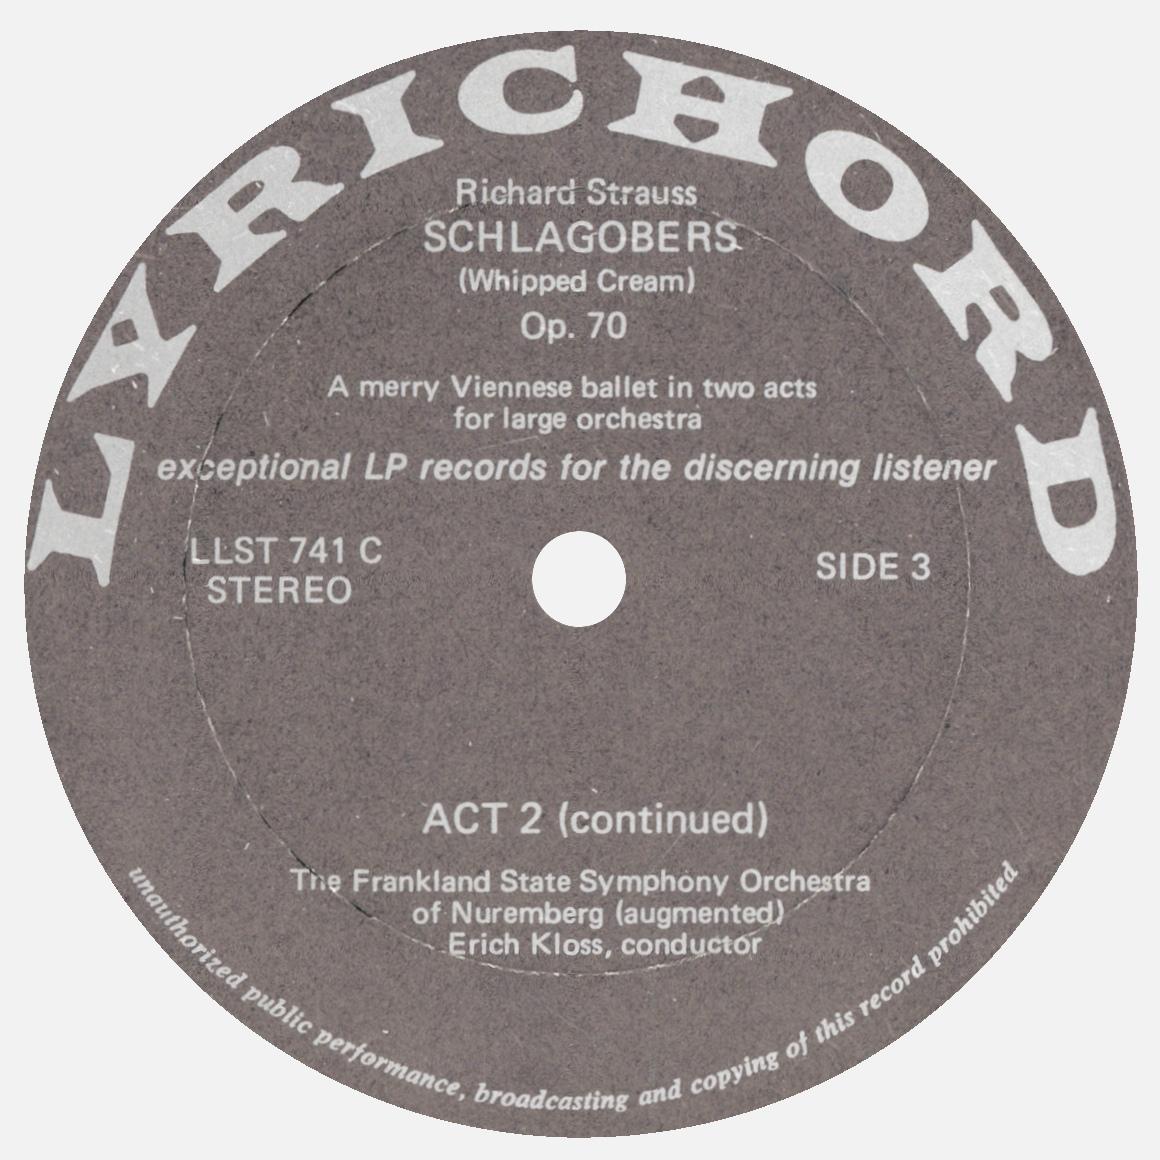 Étiquette recto du 2e disque de l'album Lyrichord LLST 741